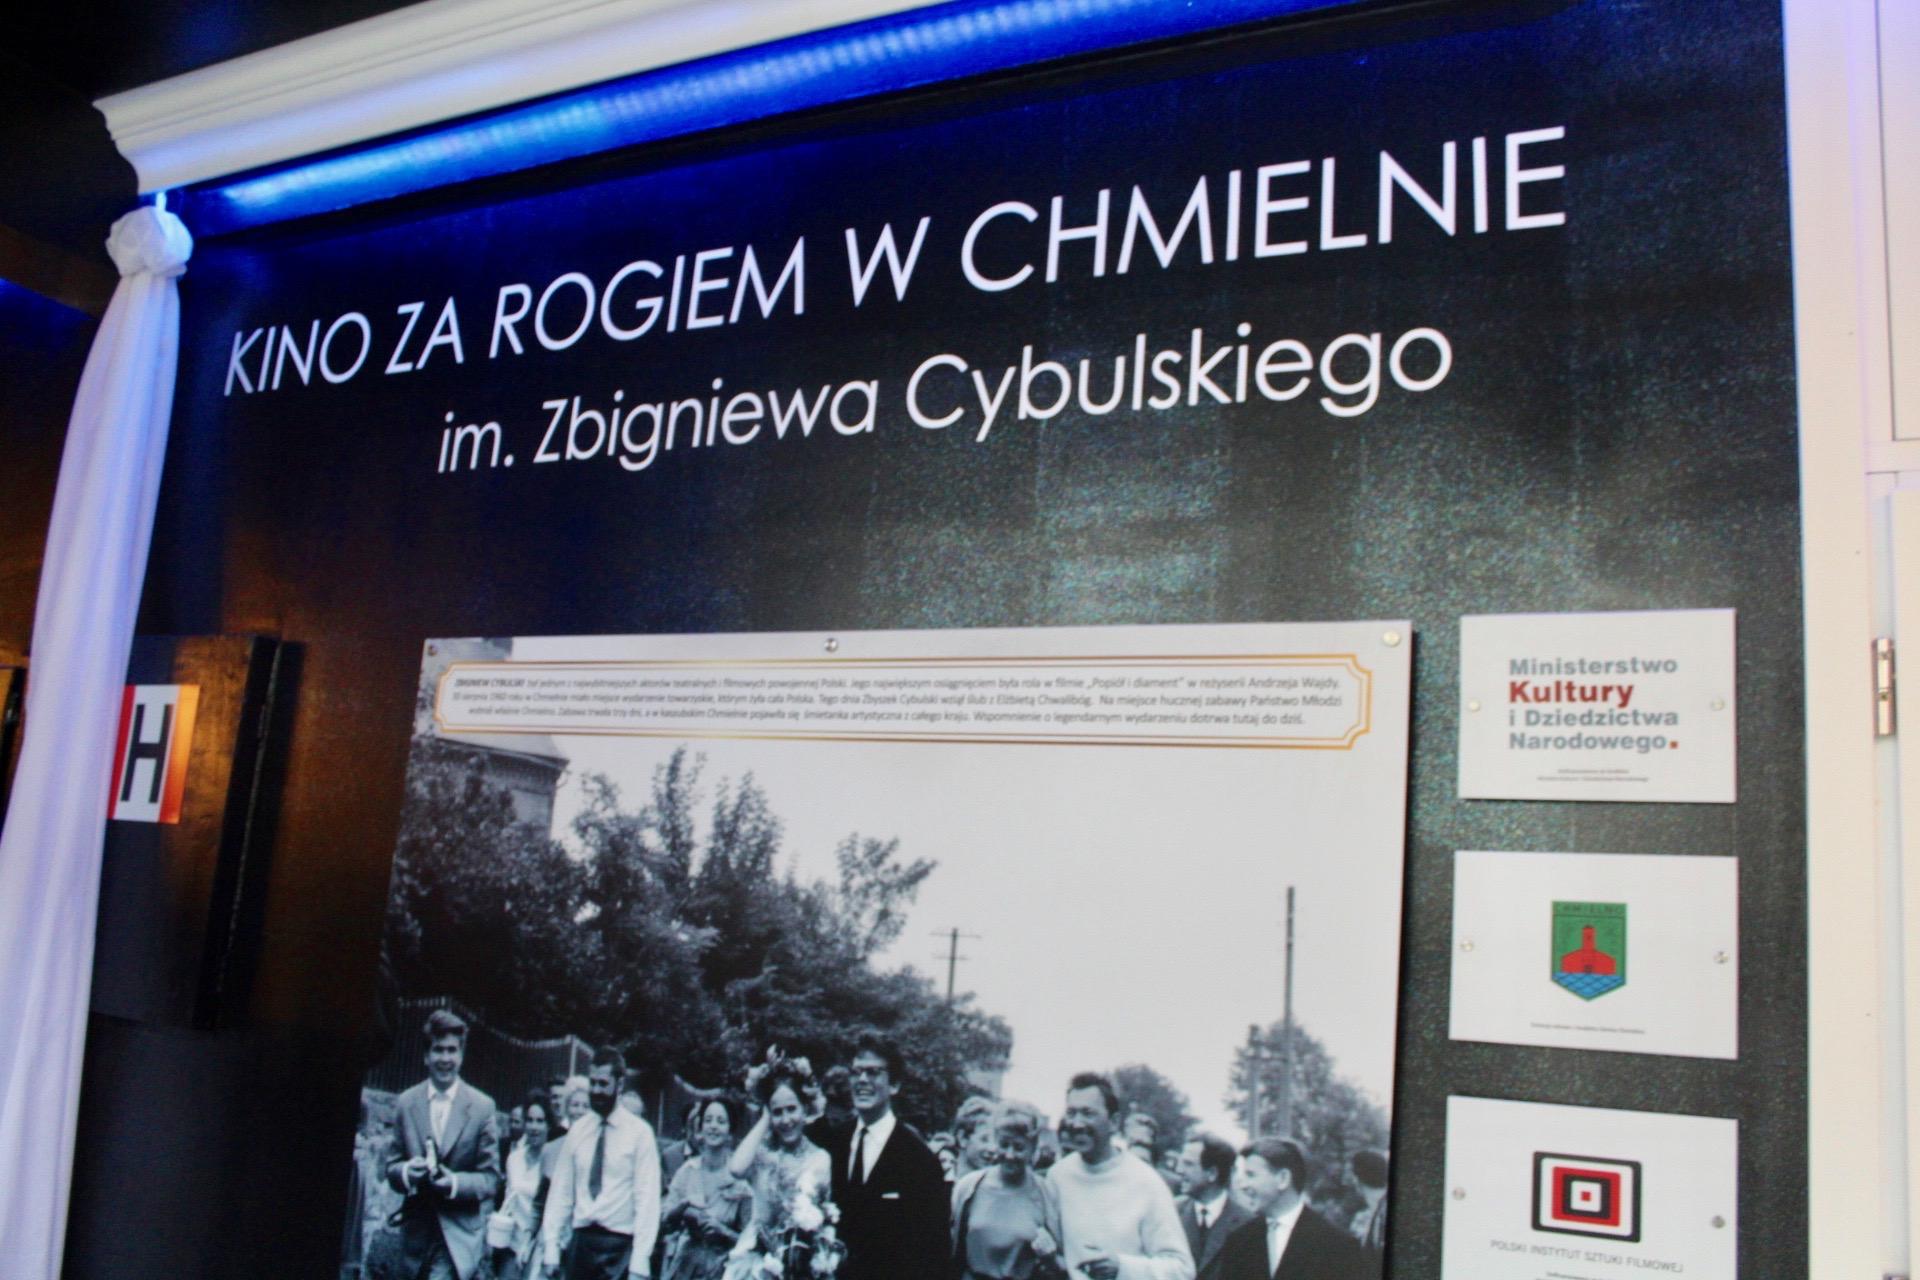 Kino za Rogiem w Chmielnie zyskało patrona, Zbigniewa Cybulskiego fot. P.CH. / zKaszub.info